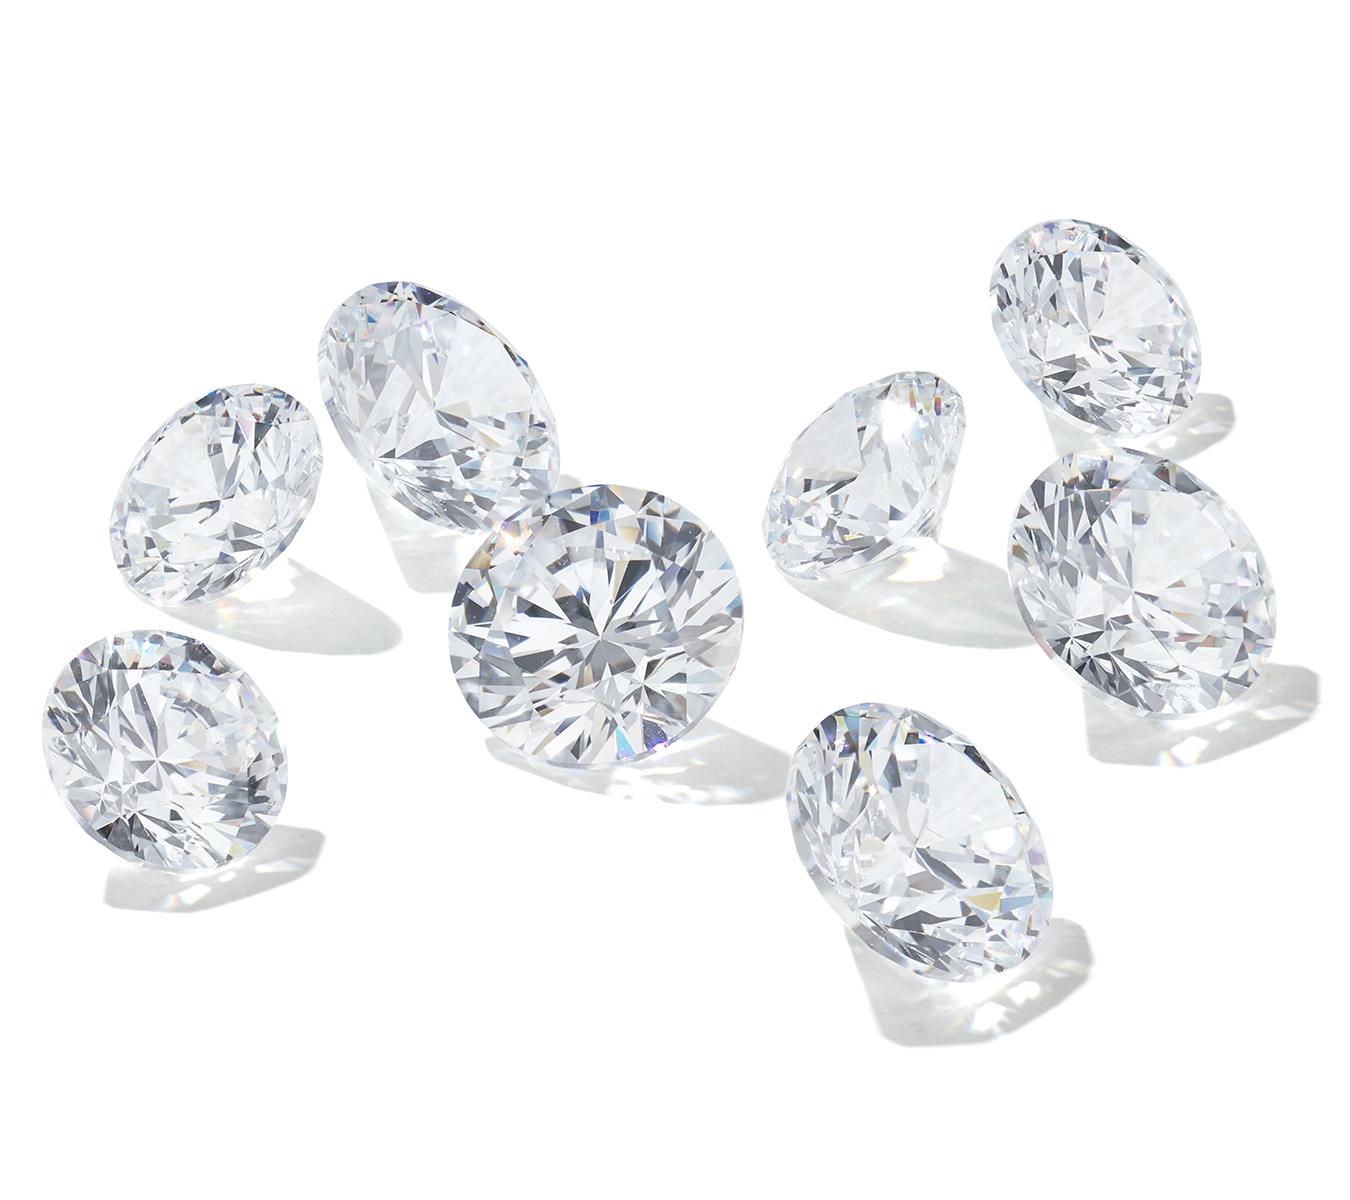 Các viên kim cương, đá quý